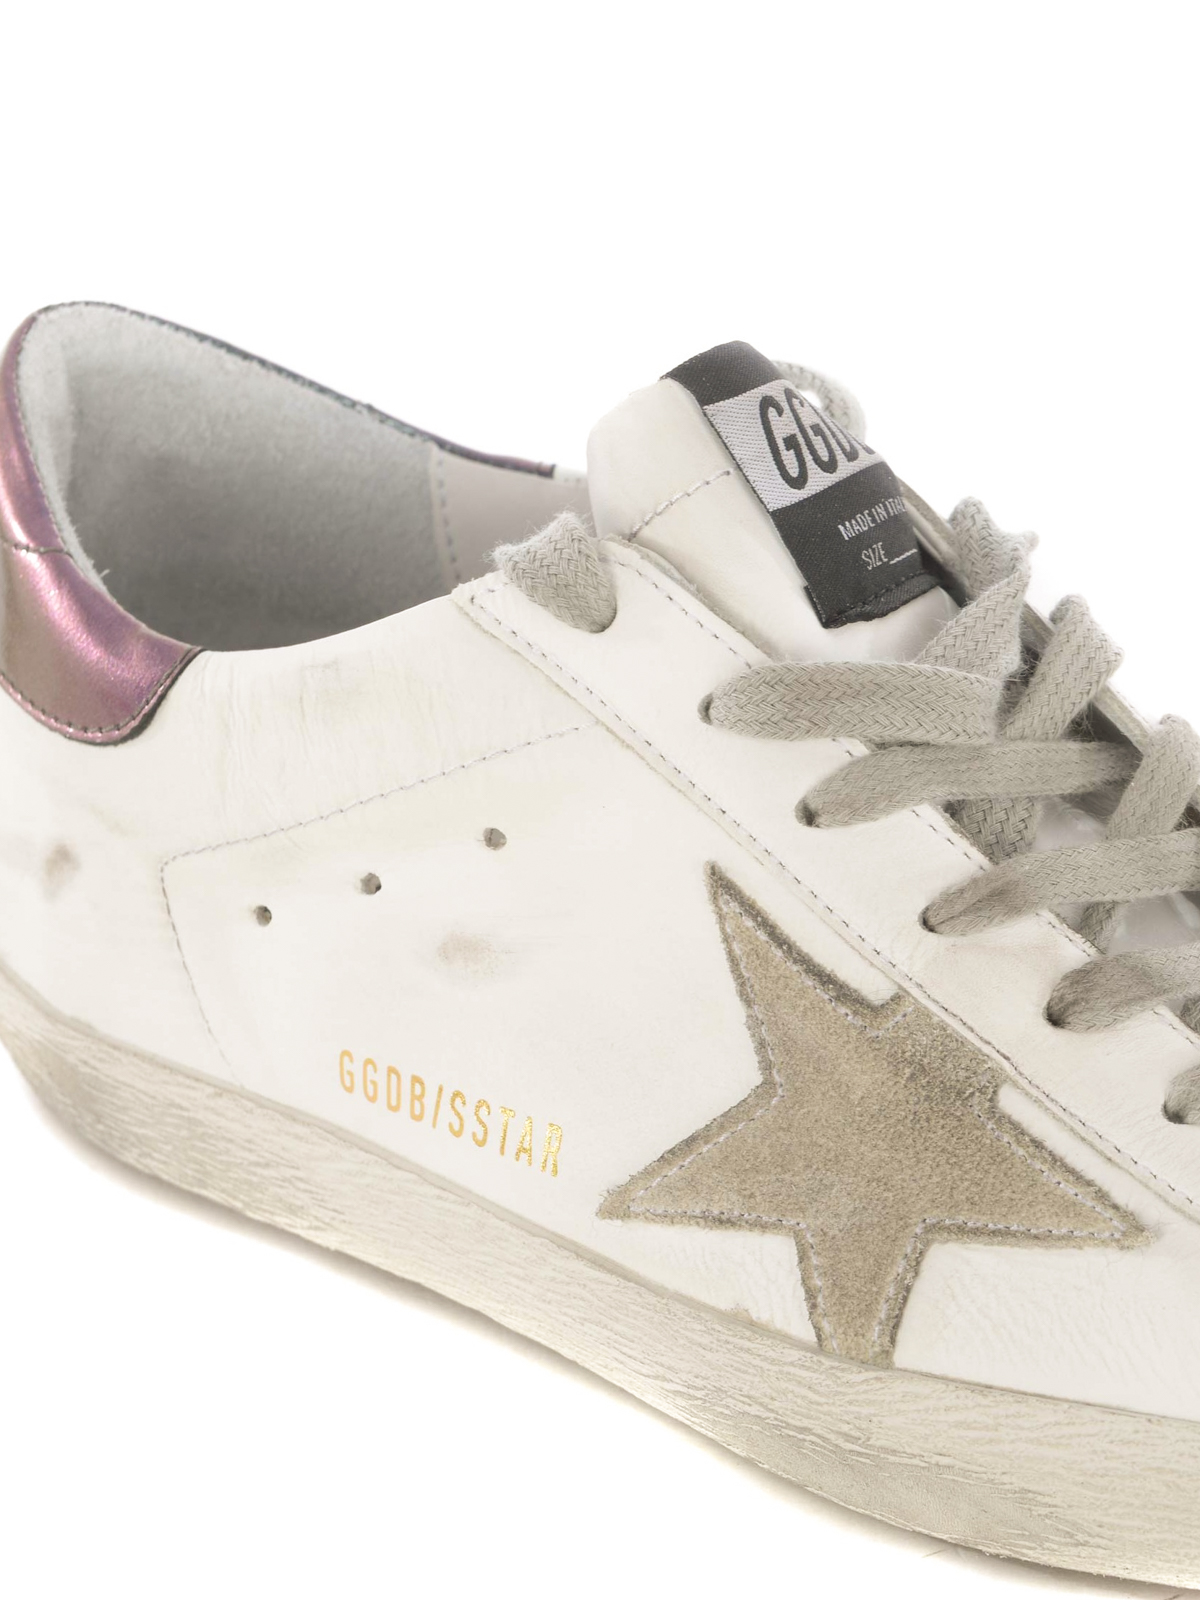 Superstar iridescent heel tab sneakers